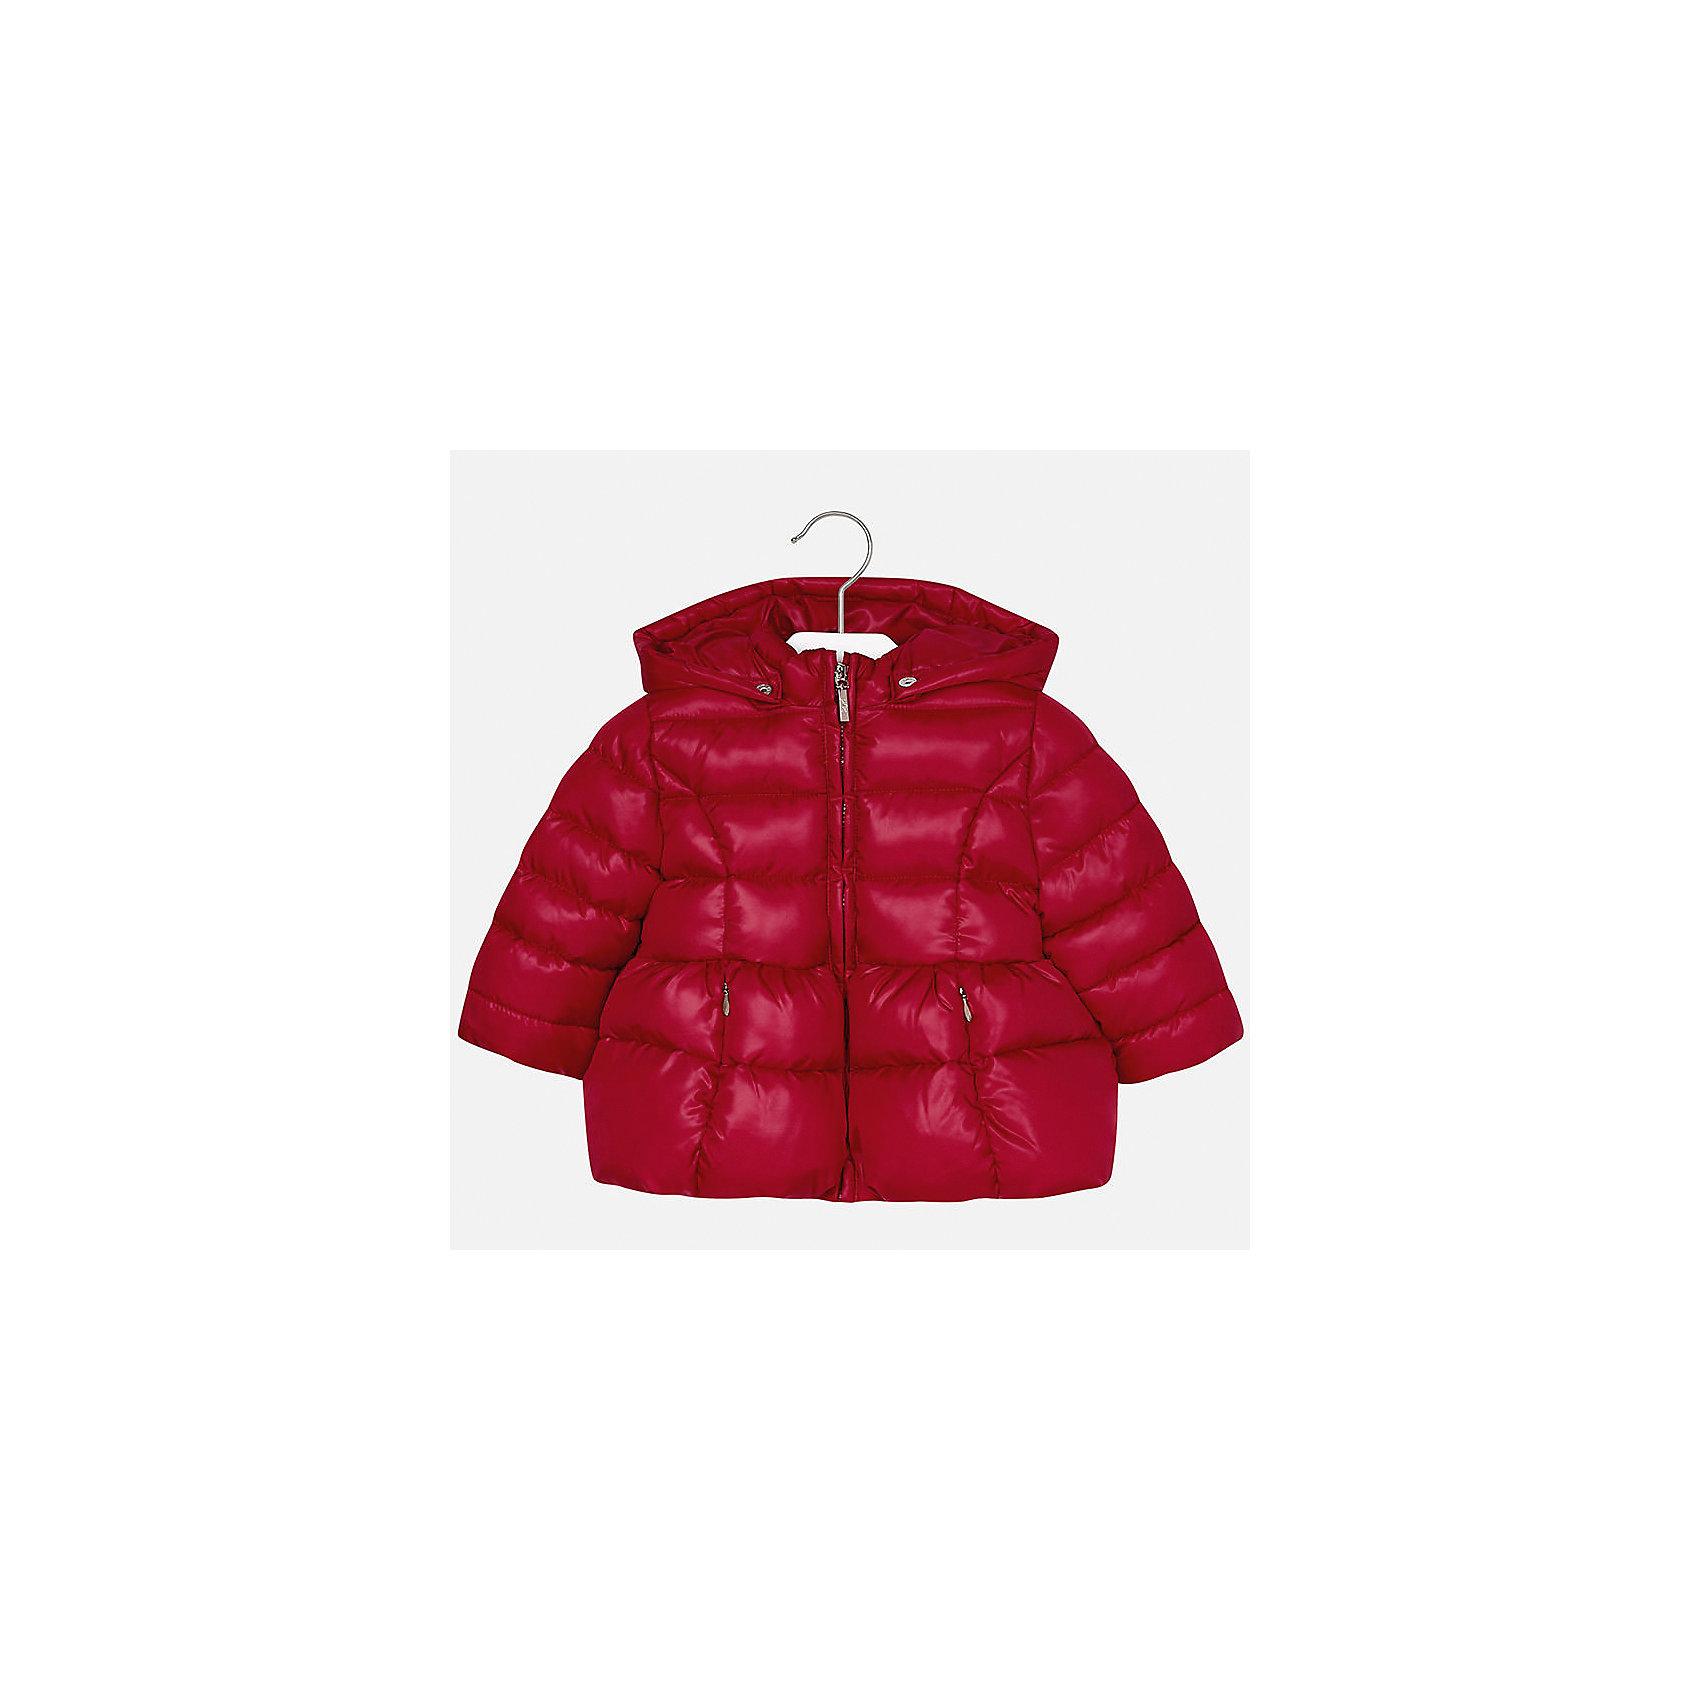 Куртка Mayoral для девочкиВерхняя одежда<br>Характеристики товара:<br><br>• цвет: красный<br>• состав ткани: 100% полиэстер<br>• подкладка: 100% полиэстер<br>• утеплитель: 100% полиэстер<br>• сезон: демисезон<br>• температурный режим: от -10 до +10<br>• особенности куртки: дутая, с капюшоном<br>• капюшон: съемный, с рюшами<br>• застежка: молния<br>• страна бренда: Испания<br>• страна изготовитель: Индия<br><br>Детская куртка подойдет для прохладной погоды и небольшого мороза. Благодаря качественной ткани детской куртки для девочки создаются комфортные условия для тела. Стильная девочки для девочки отличается стильным продуманным дизайном.<br><br>Куртку для девочки Mayoral (Майорал) можно купить в нашем интернет-магазине.<br><br>Ширина мм: 356<br>Глубина мм: 10<br>Высота мм: 245<br>Вес г: 519<br>Цвет: красный<br>Возраст от месяцев: 24<br>Возраст до месяцев: 36<br>Пол: Женский<br>Возраст: Детский<br>Размер: 98,80,86,92<br>SKU: 6920064